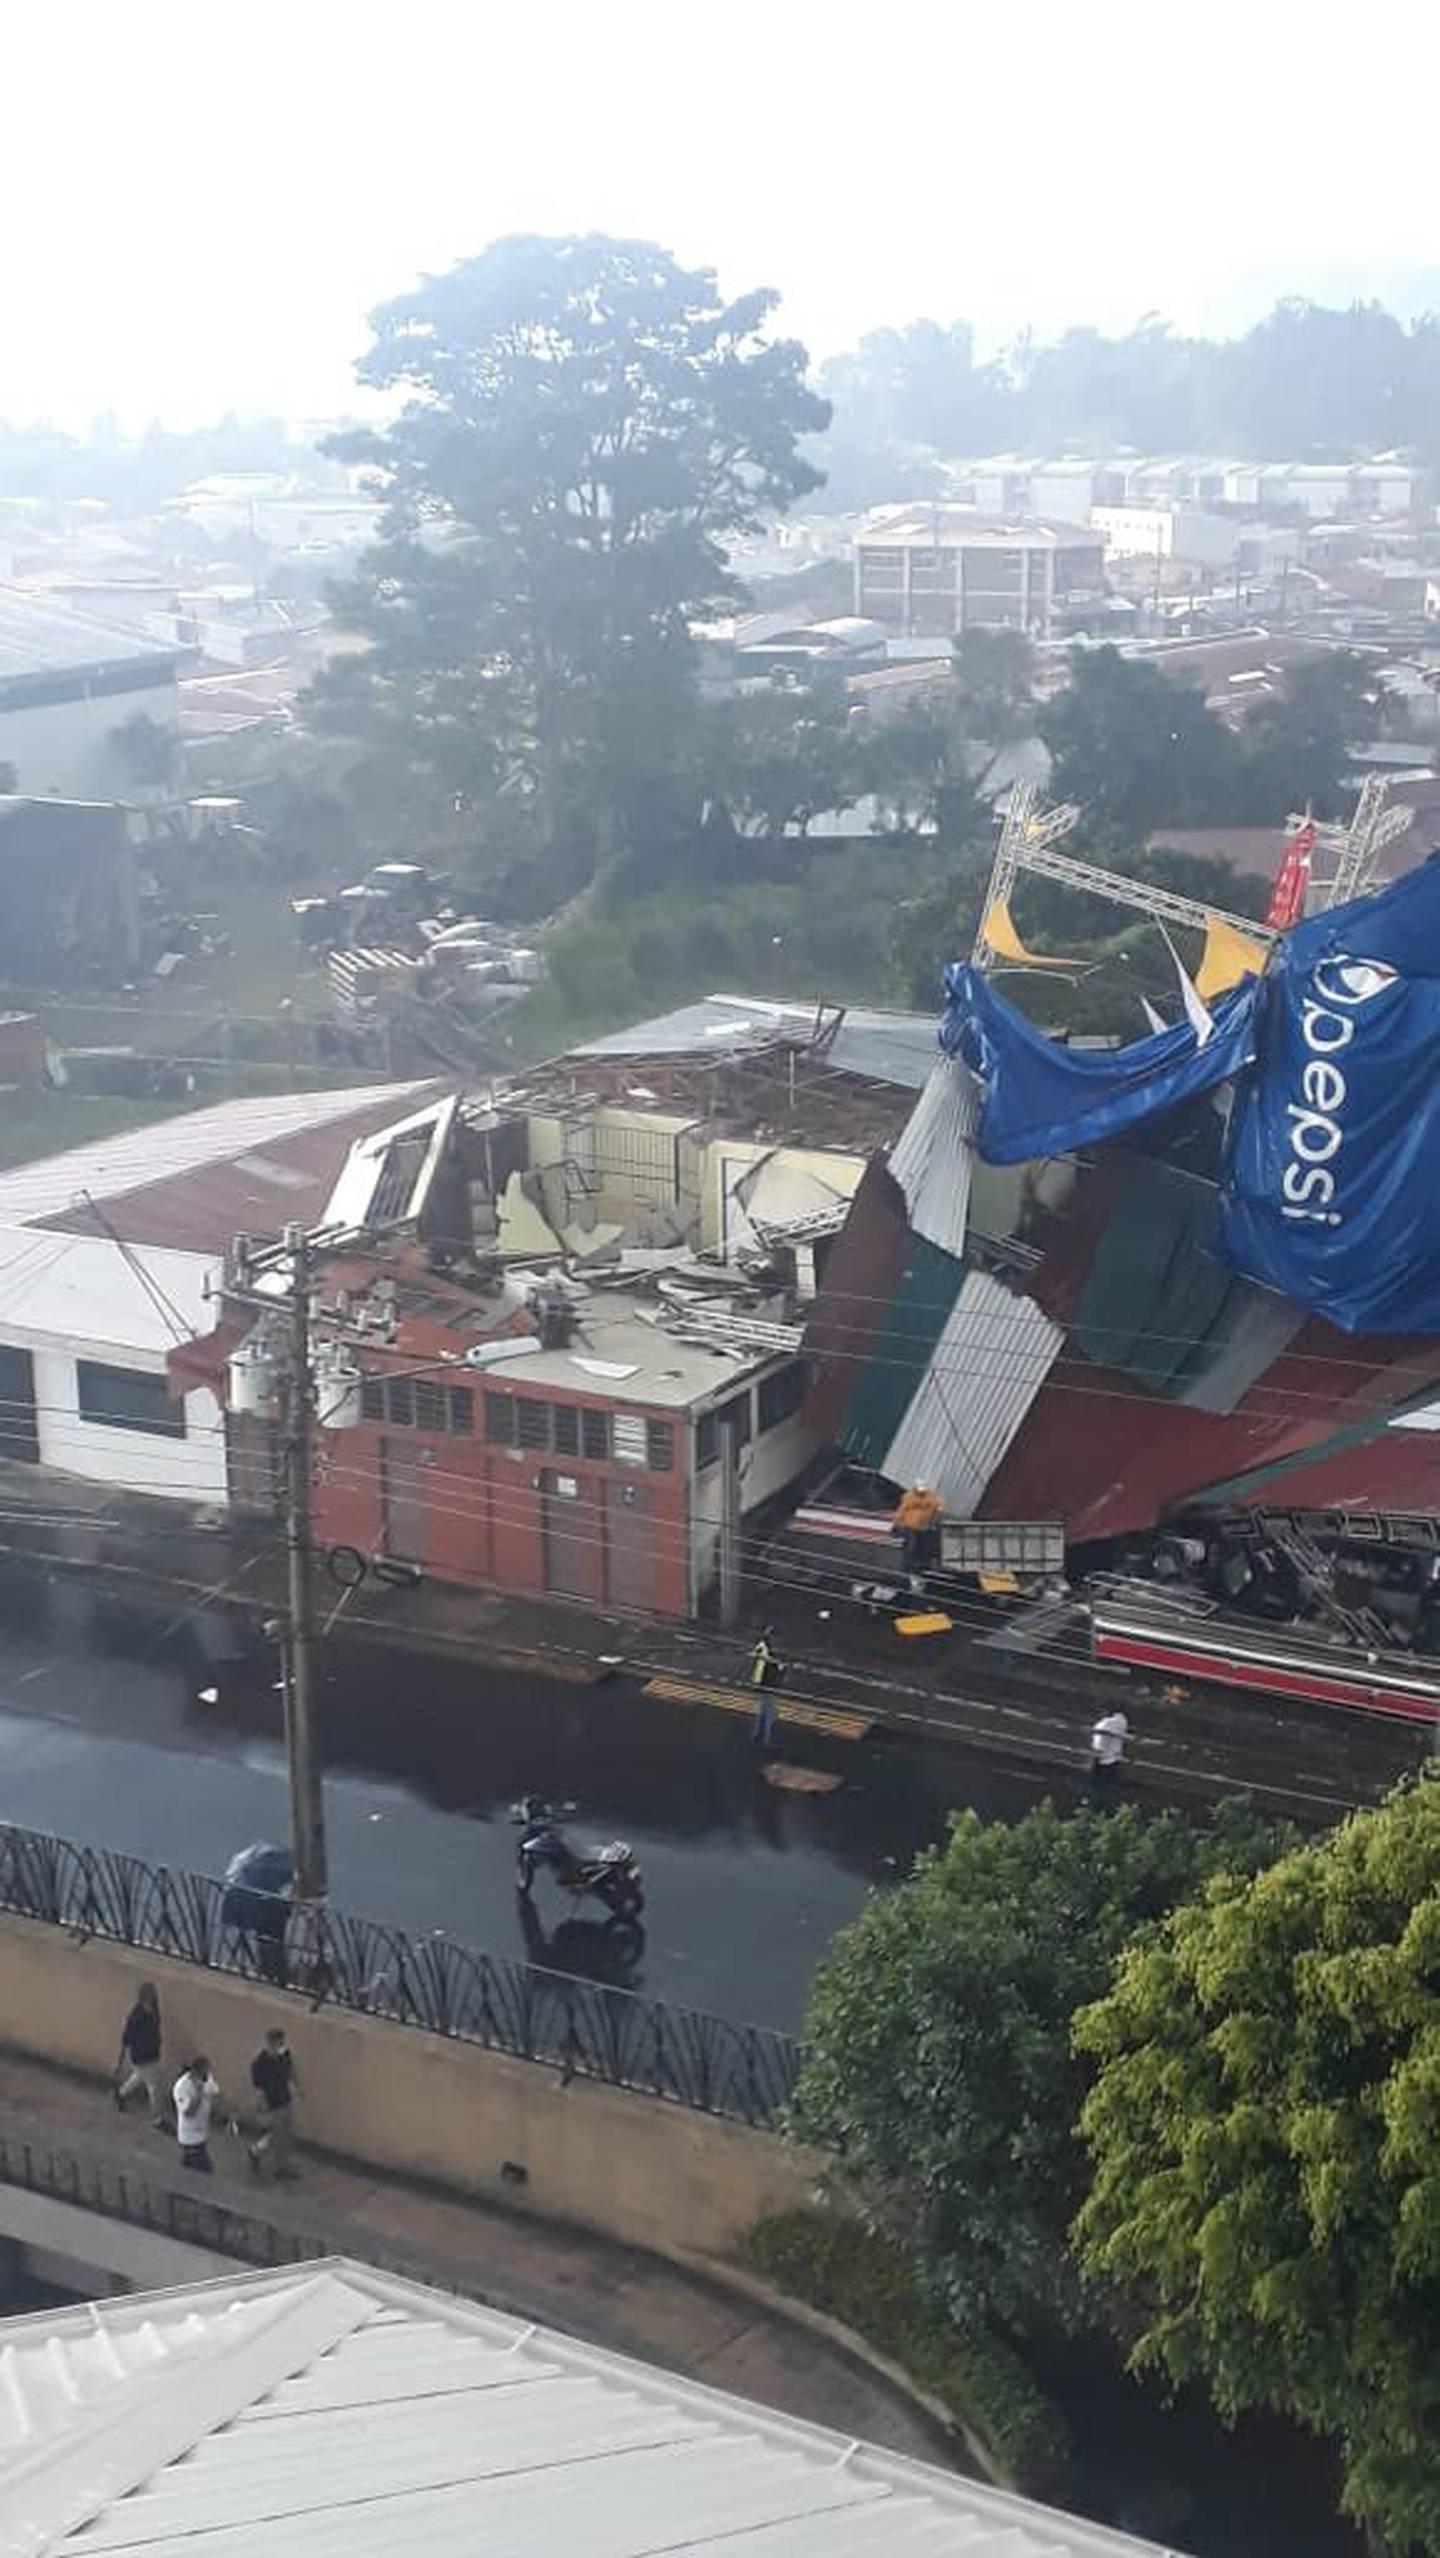 Torbellino causa estragos en Cartago. Foto cortesía.